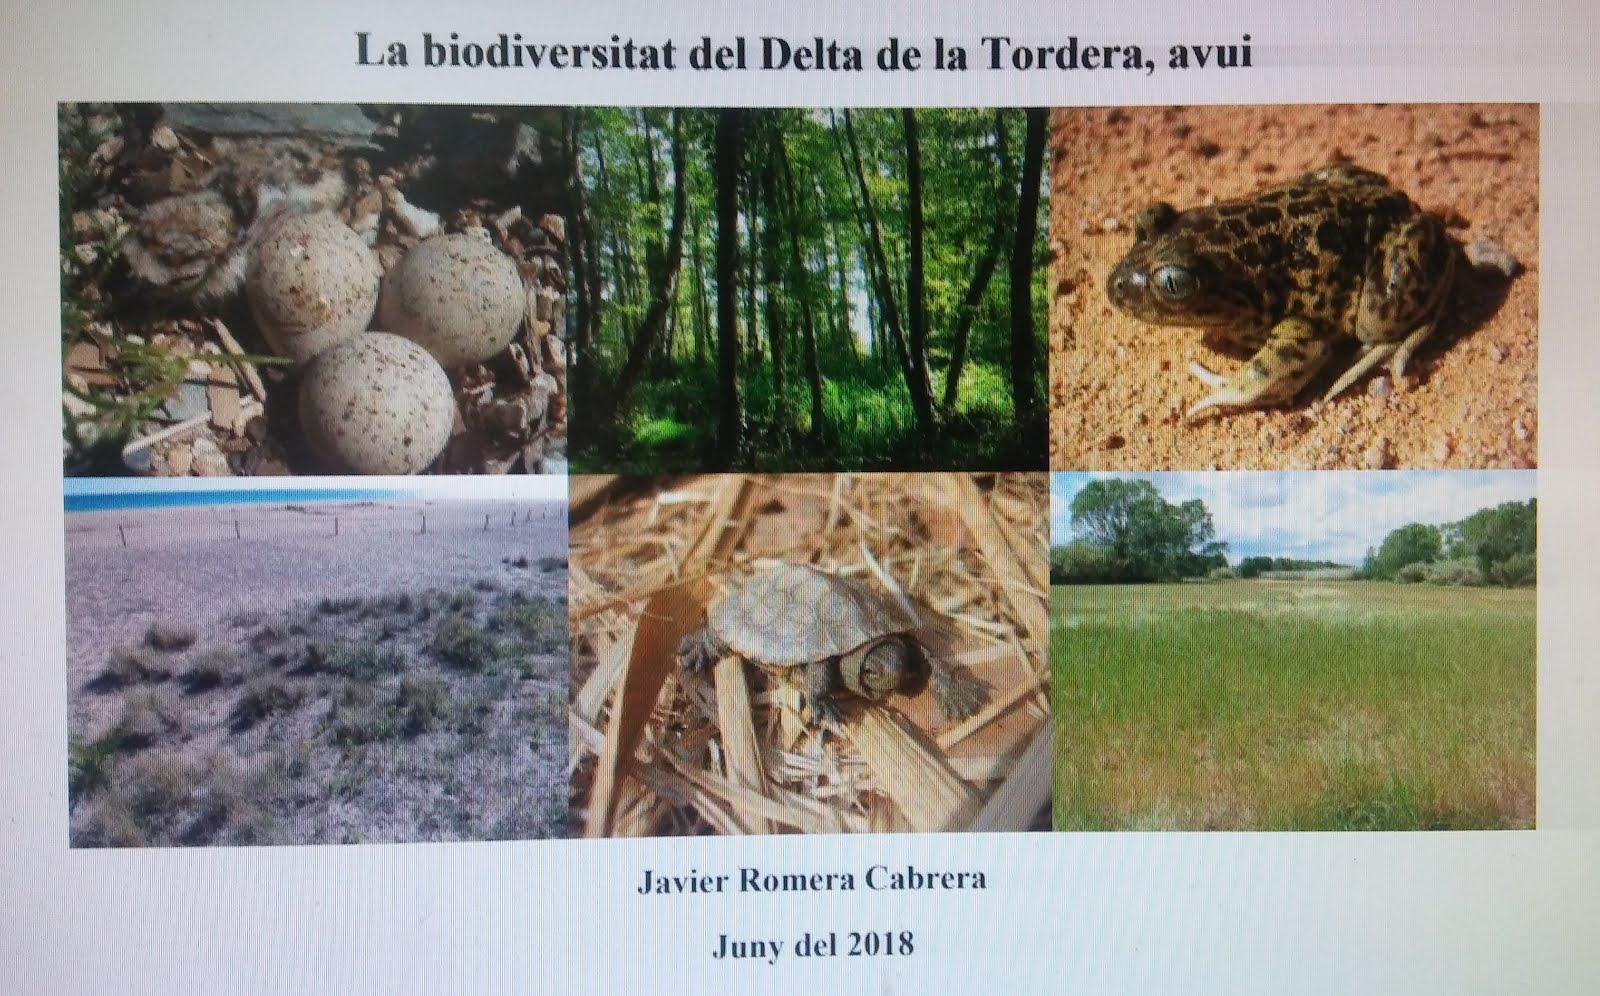 La biodiversitat del Delta de la Tordera, avui